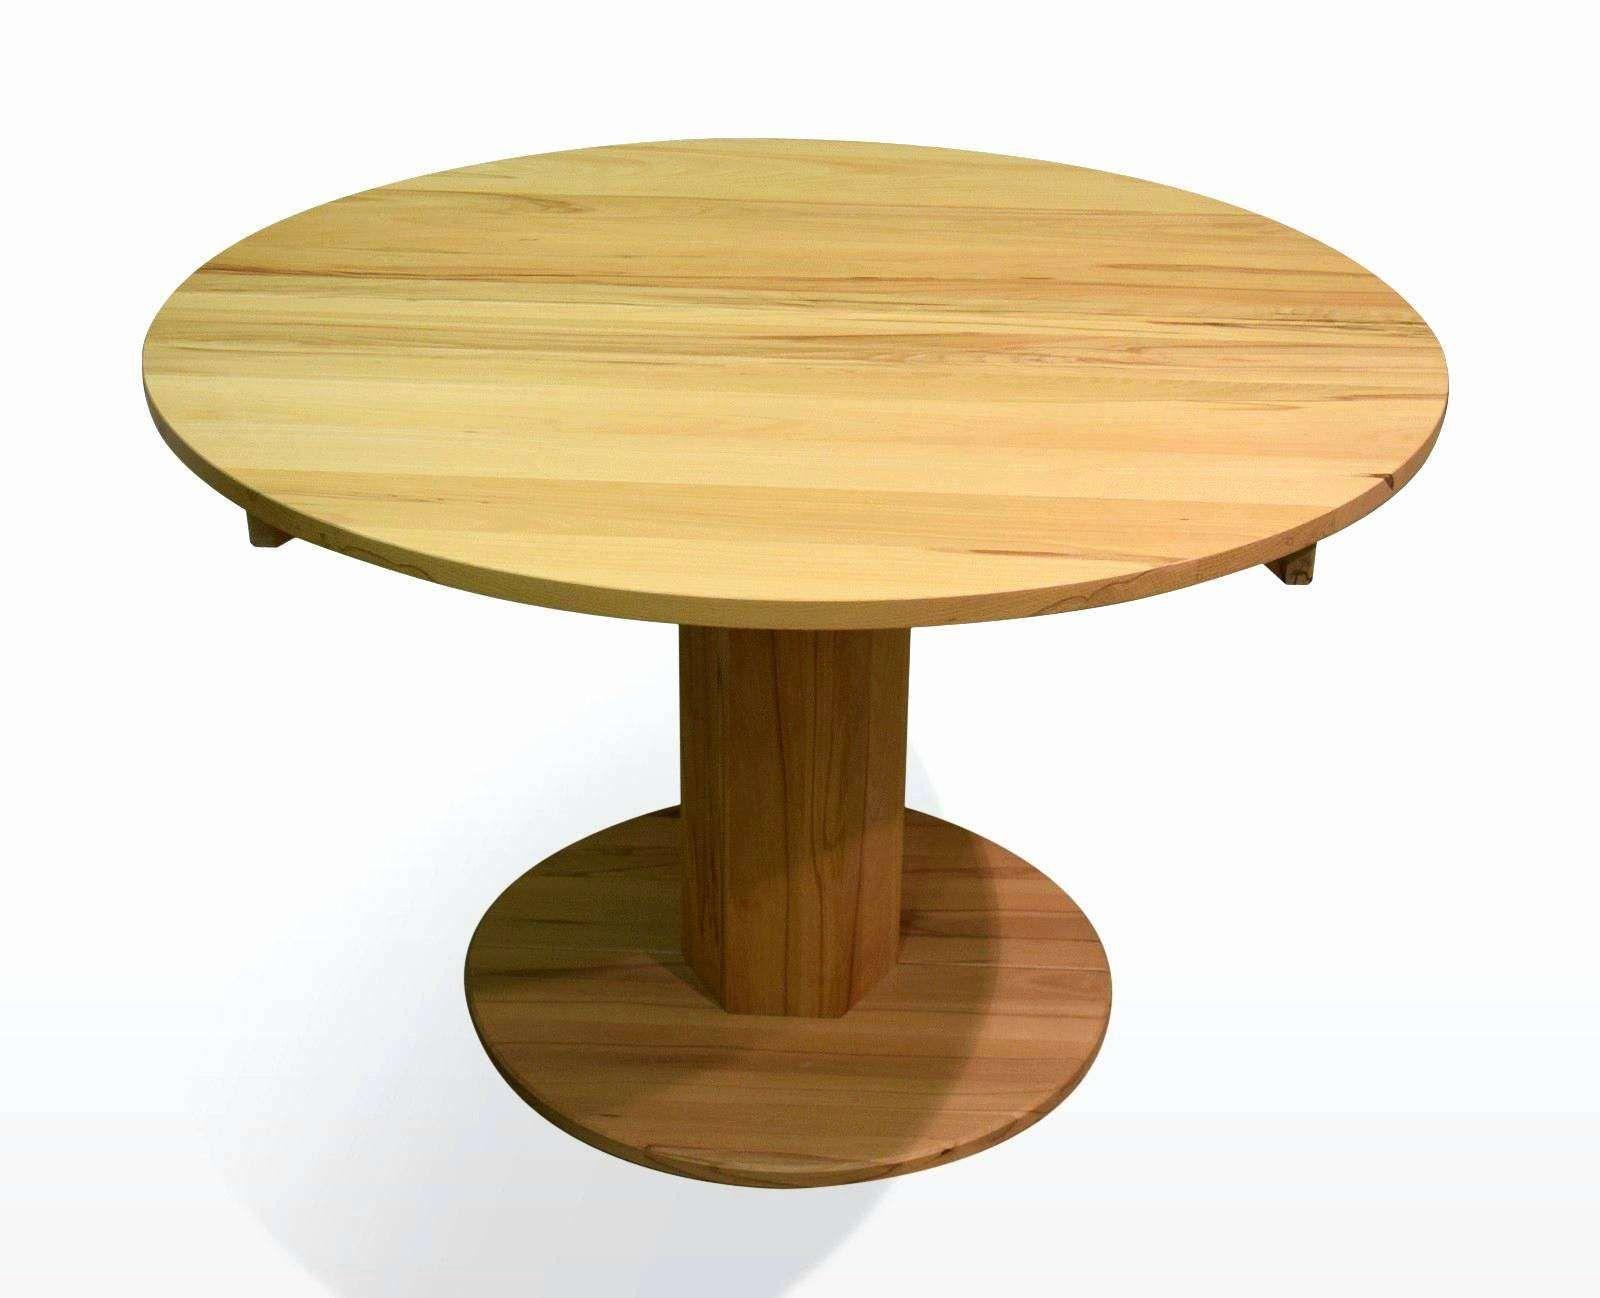 Esstisch Rund Weiss Holz Runder Esstisch Ausziehbar Luxus 29 Planen Beste Mobelideen In 2020 Dining Table Extendable Dining Table Round Dining